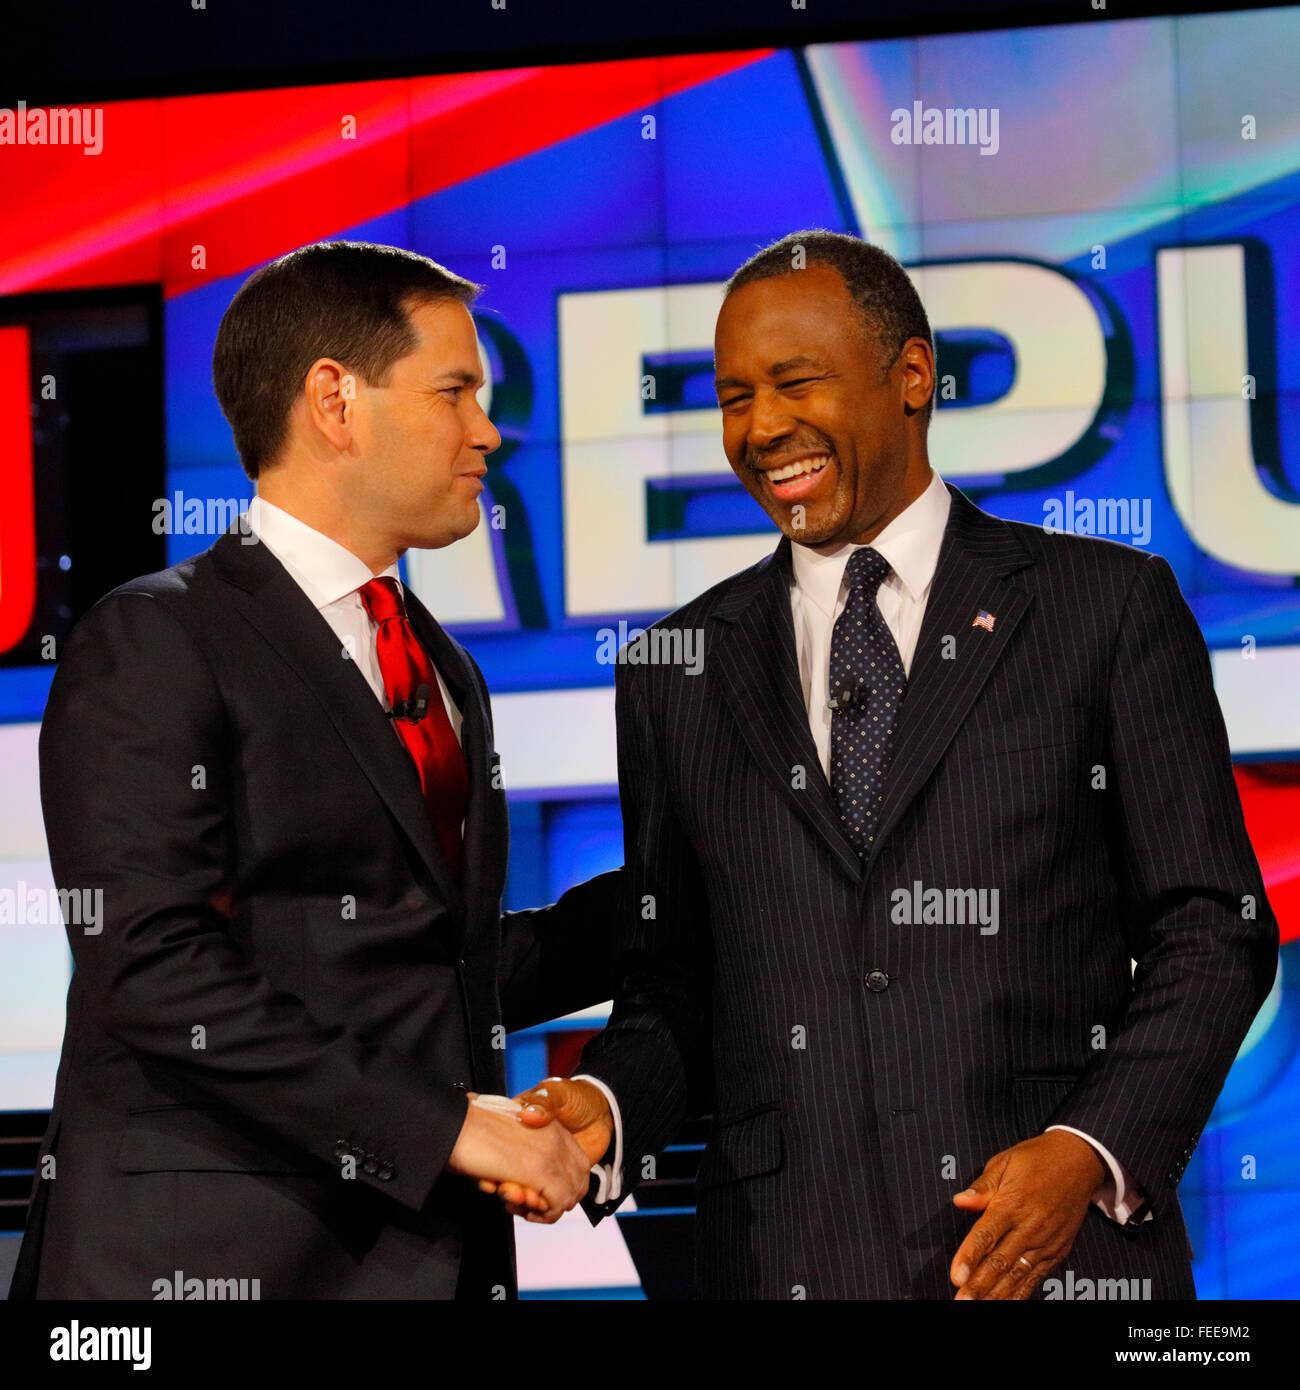 LAS VEGAS - 15 DÉCEMBRE: l'ancien candidat présidentiel républicain Le Dr Ben Carson, serre la main avec le sénateur républicain Marco Rubio à CNN débat présidentiel au monde, le 15 décembre 2015, Las Vegas, Nevada Banque D'Images